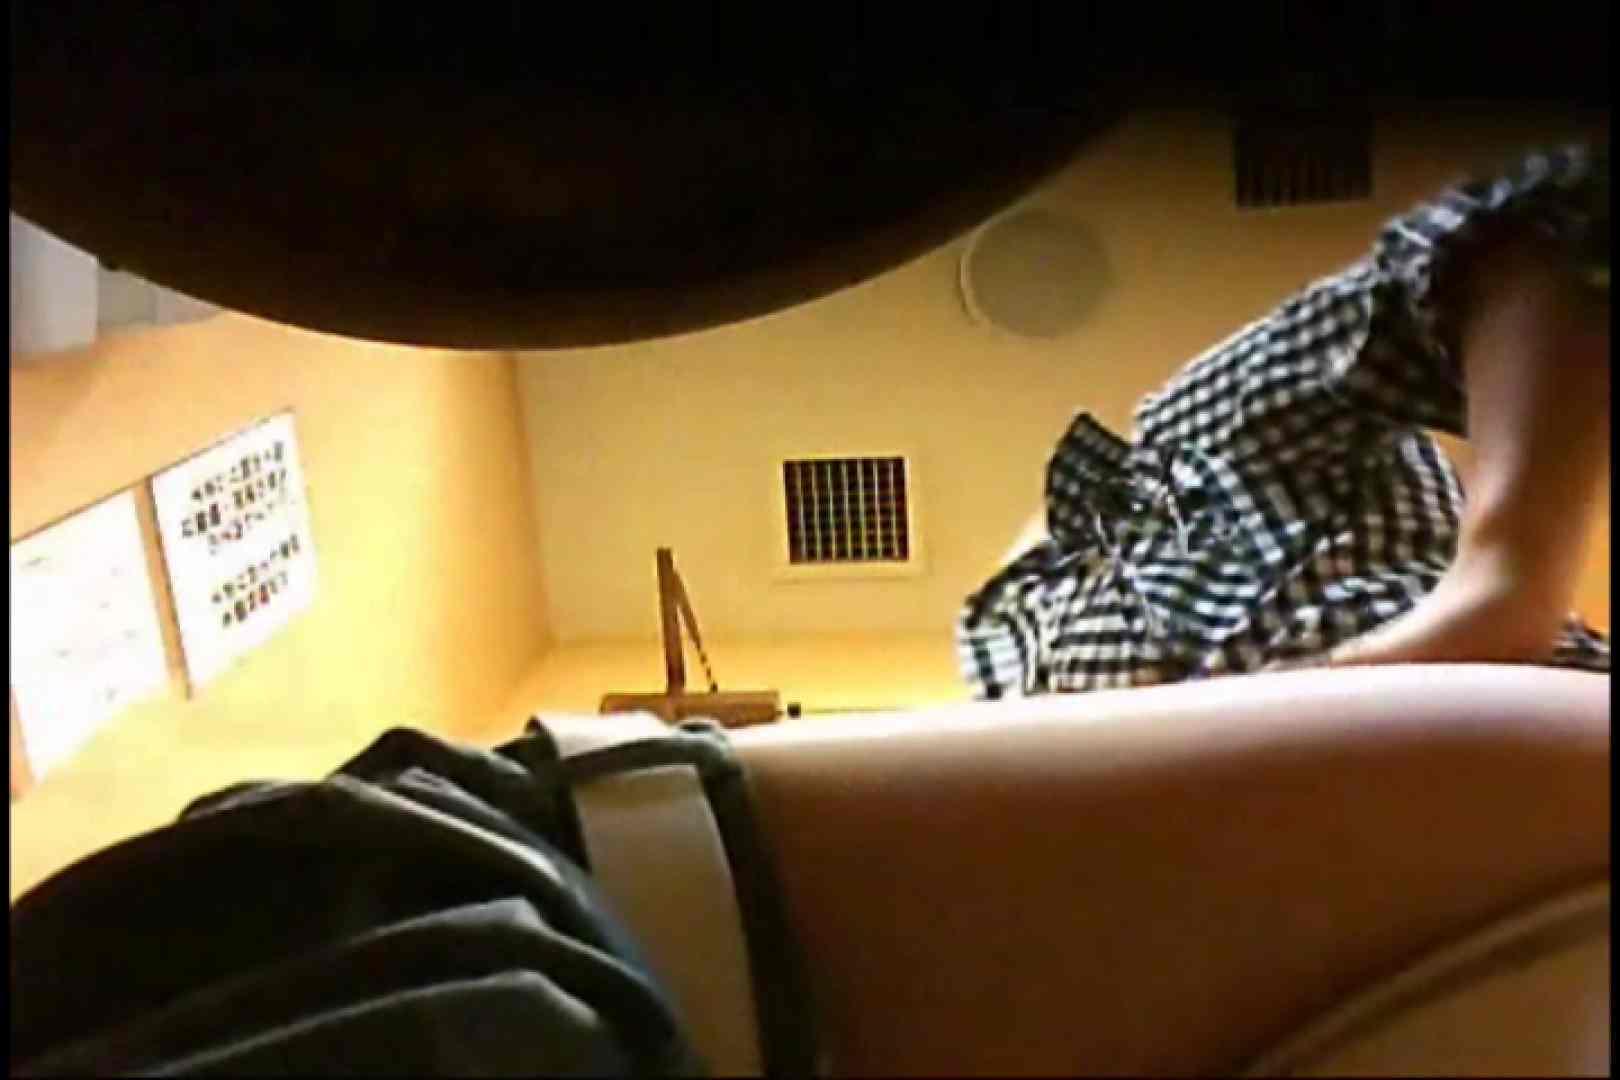 マダムが集まるデパートお手洗い Vol.50 丸見え のぞき濡れ場動画紹介 82pic 56